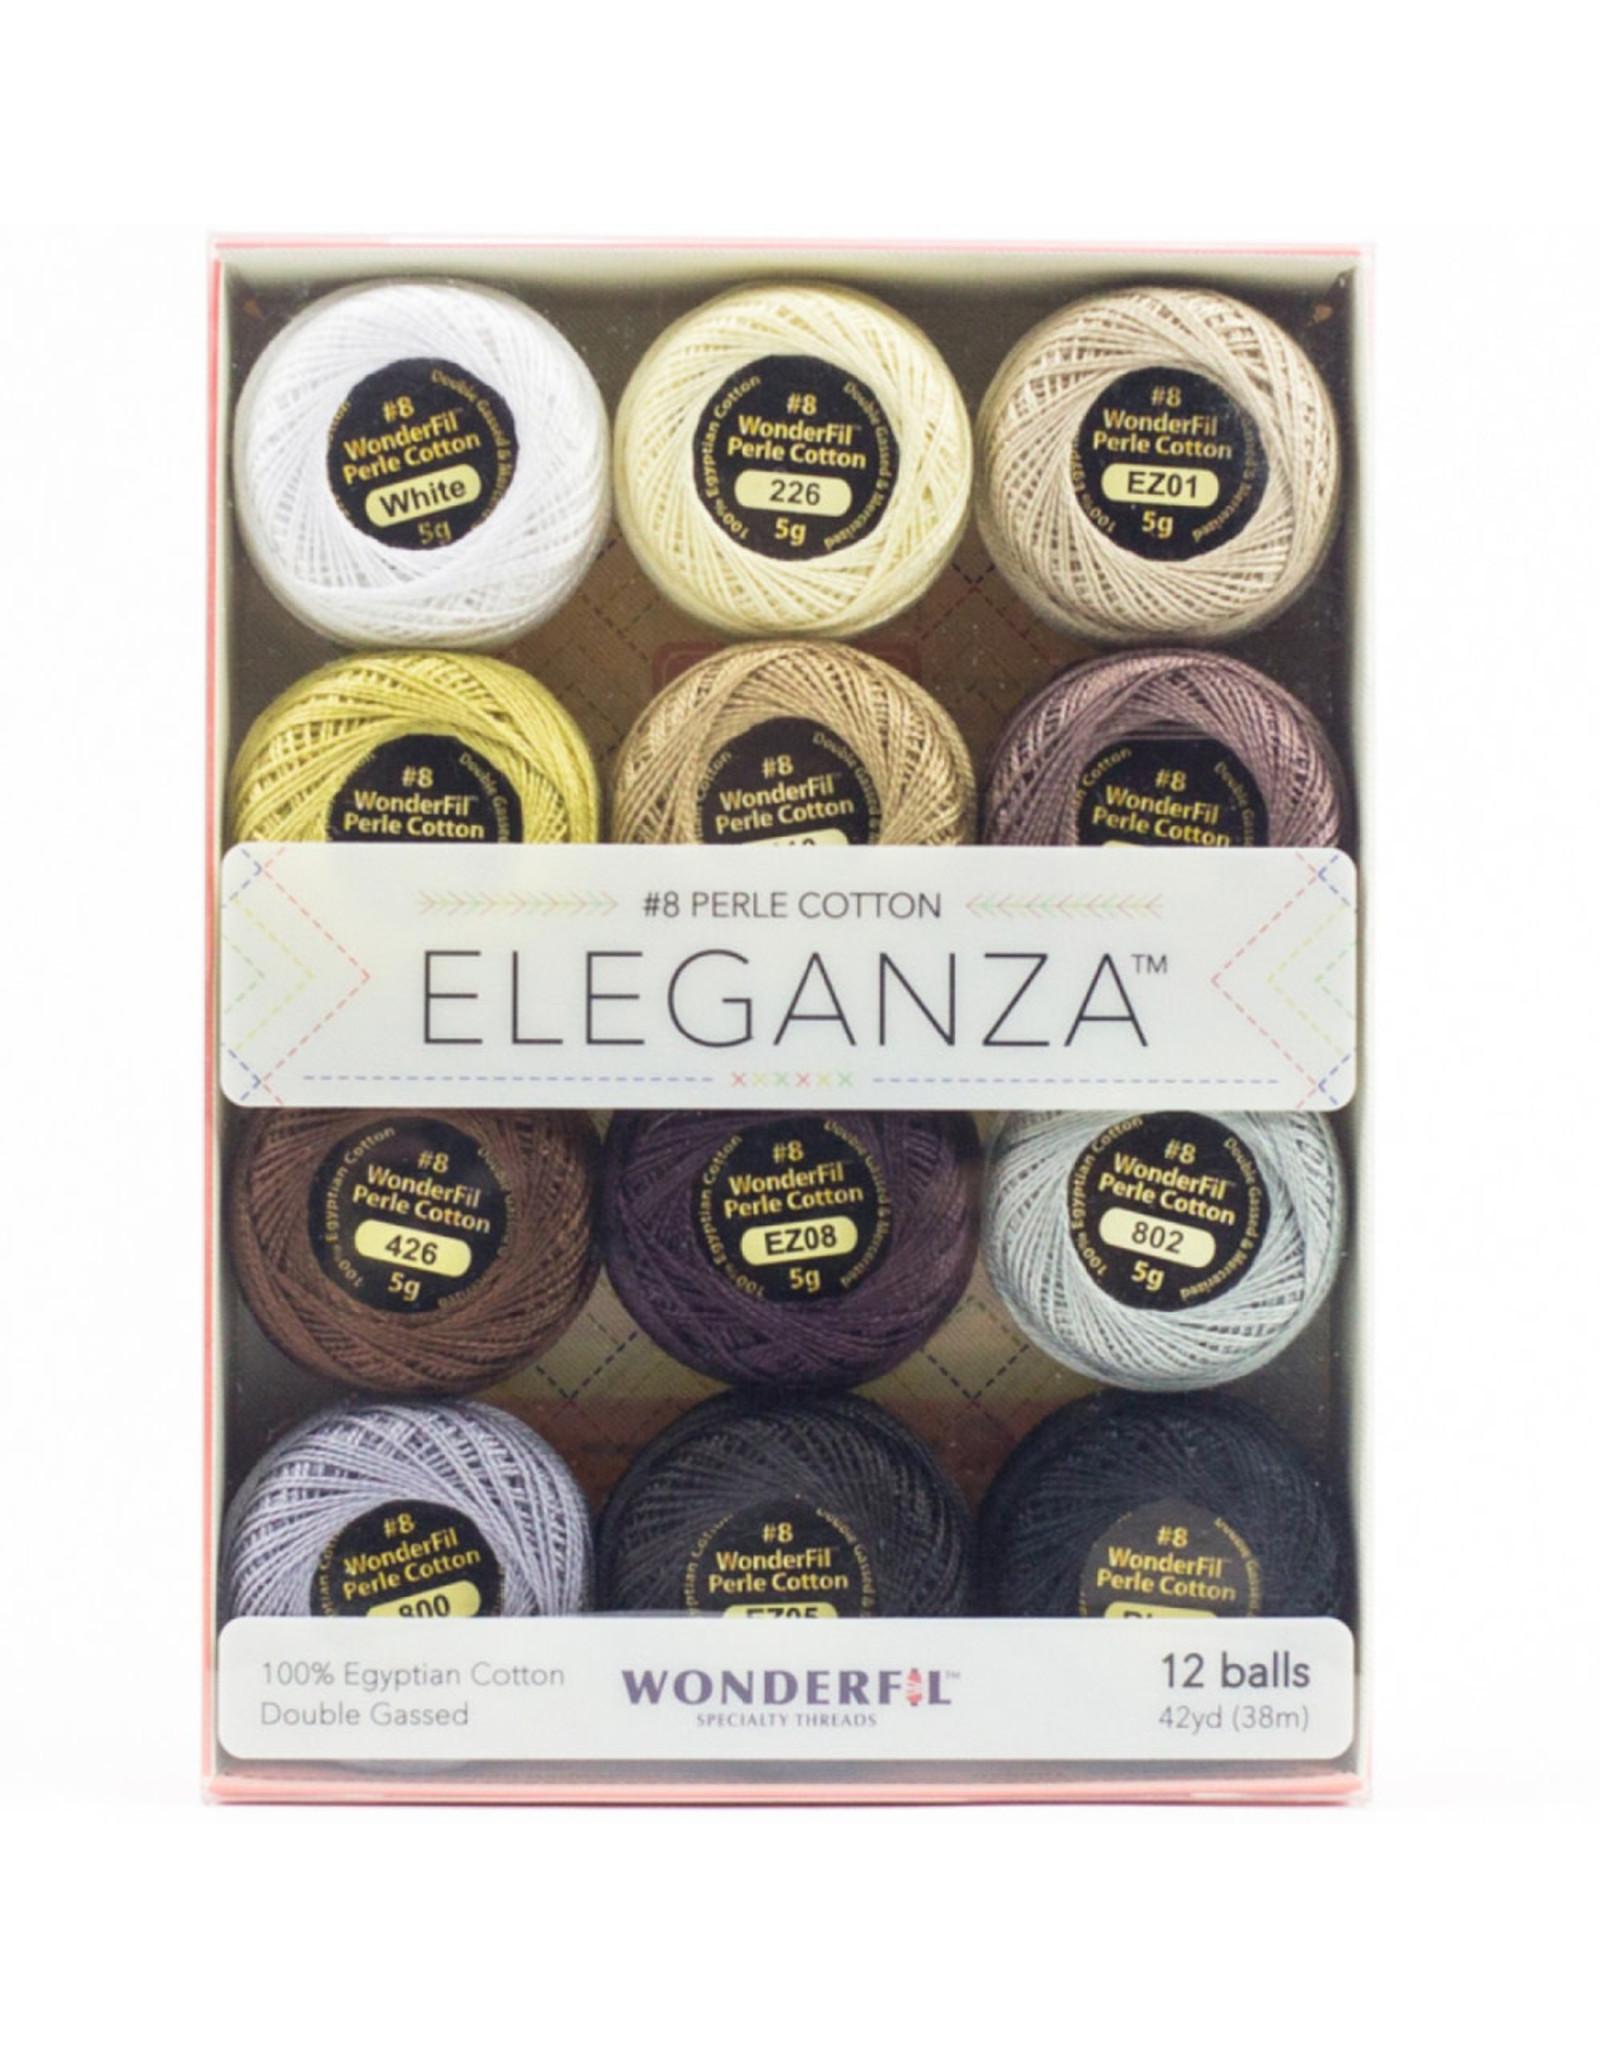 WonderFil Eleganza Neutrals, Perle (Pearl) Cotton, Set of 12 Size 8 from WonderFil